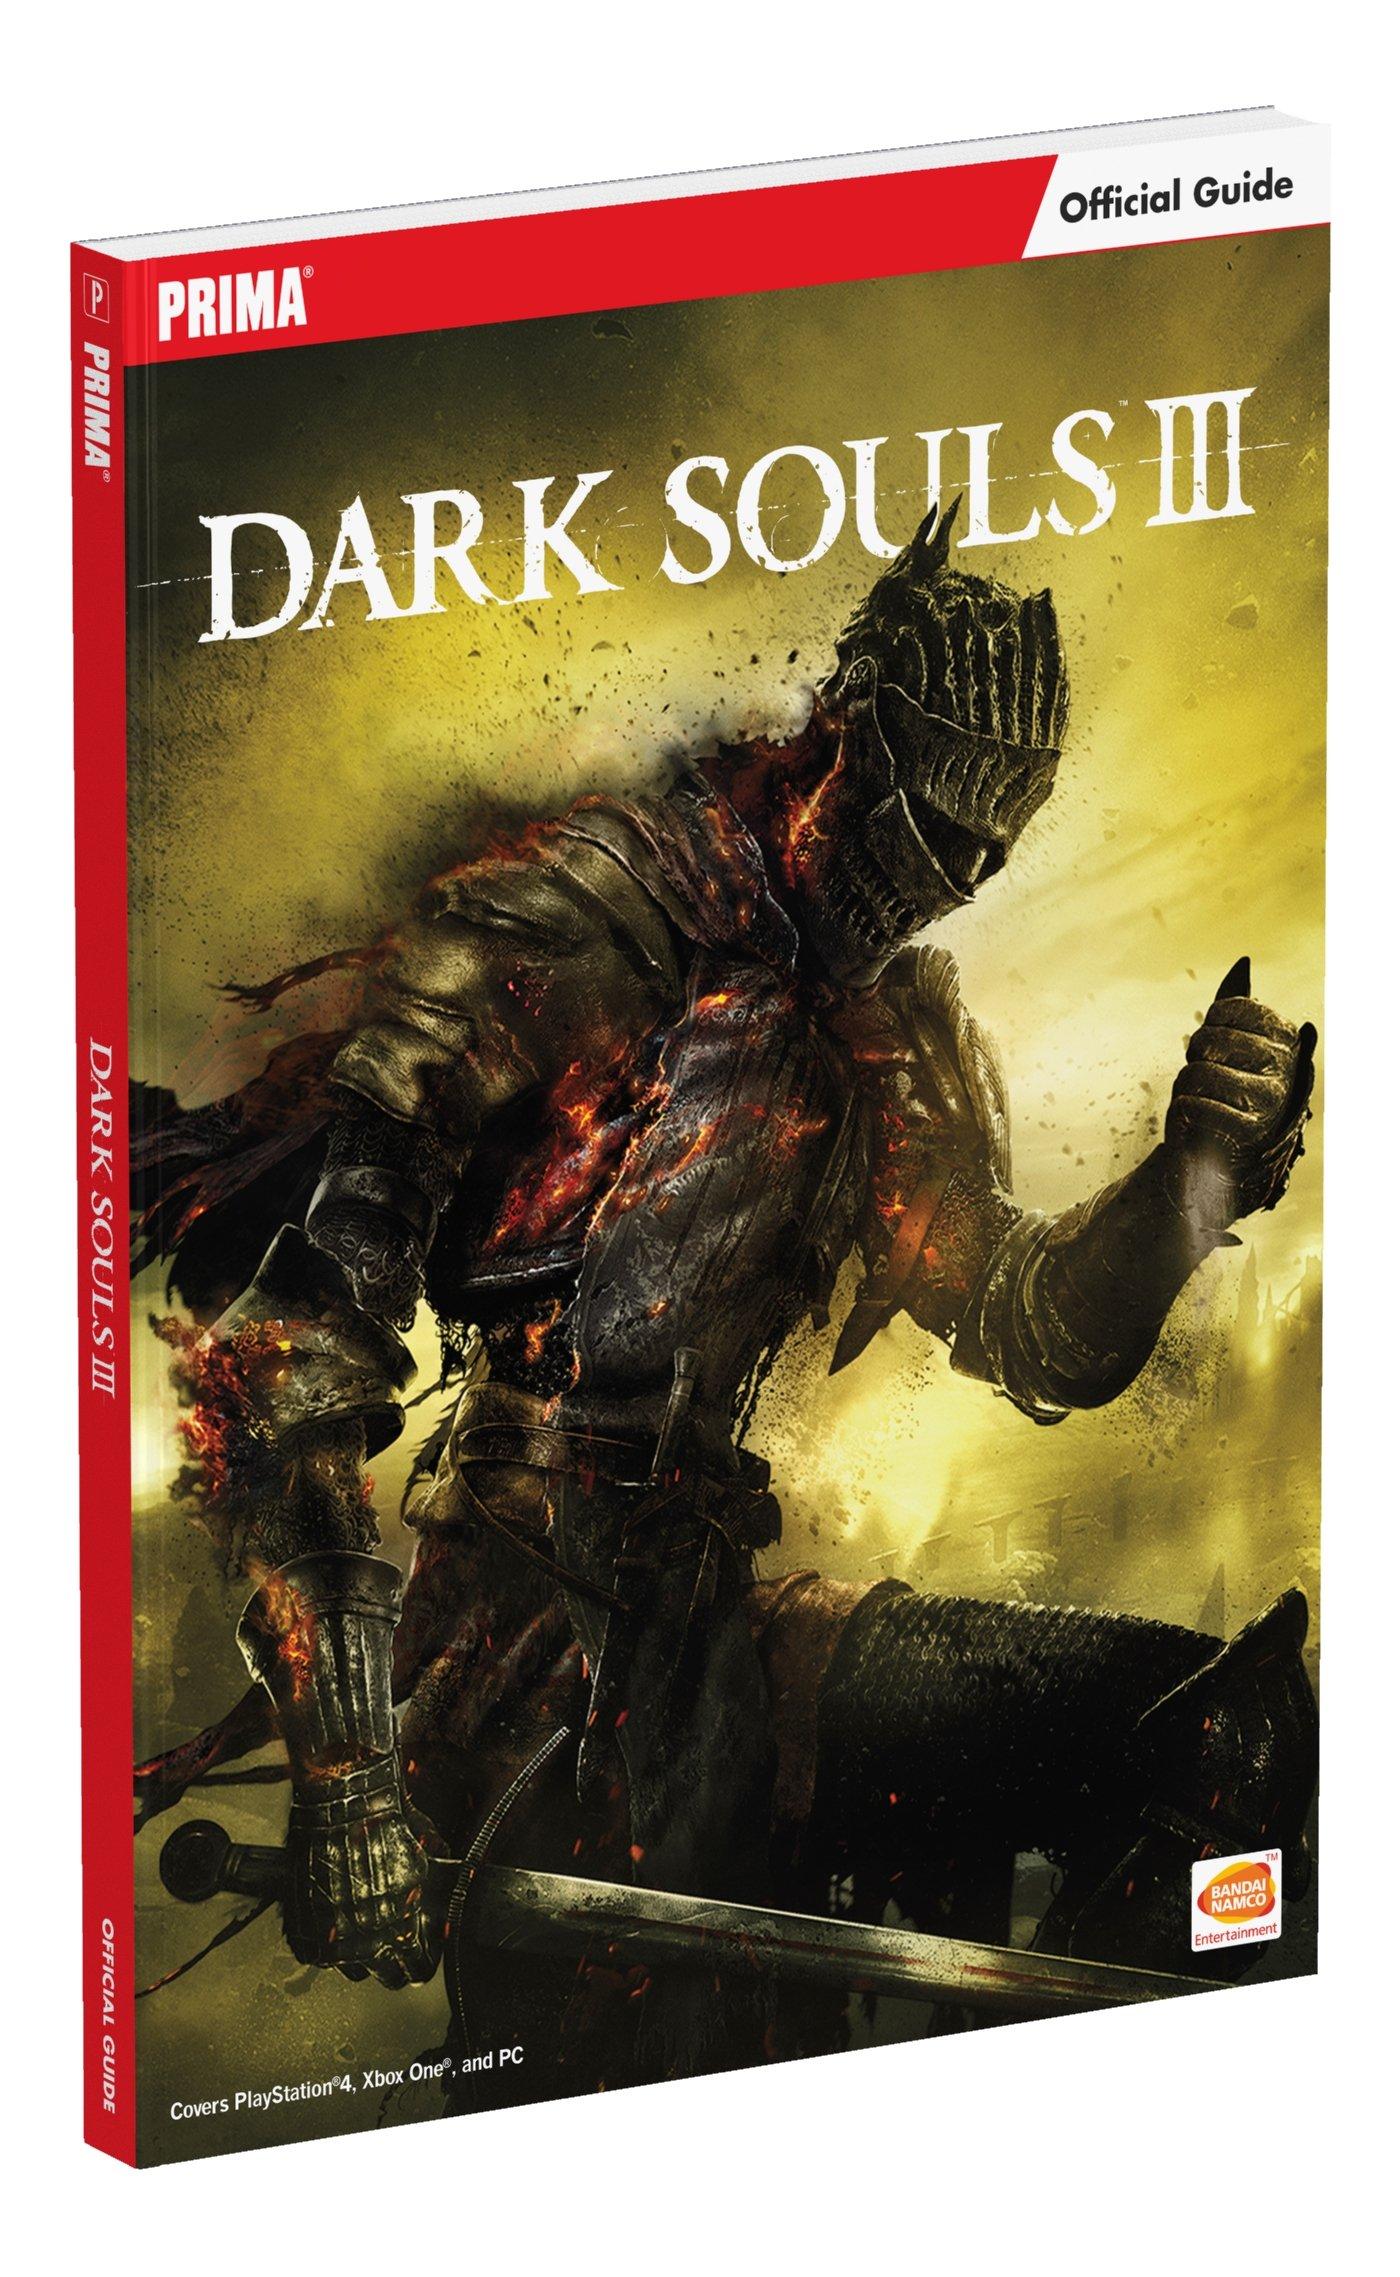 Dark Souls III: Prima Official Game Guide: Amazon.es: Prima Games: Libros en idiomas extranjeros